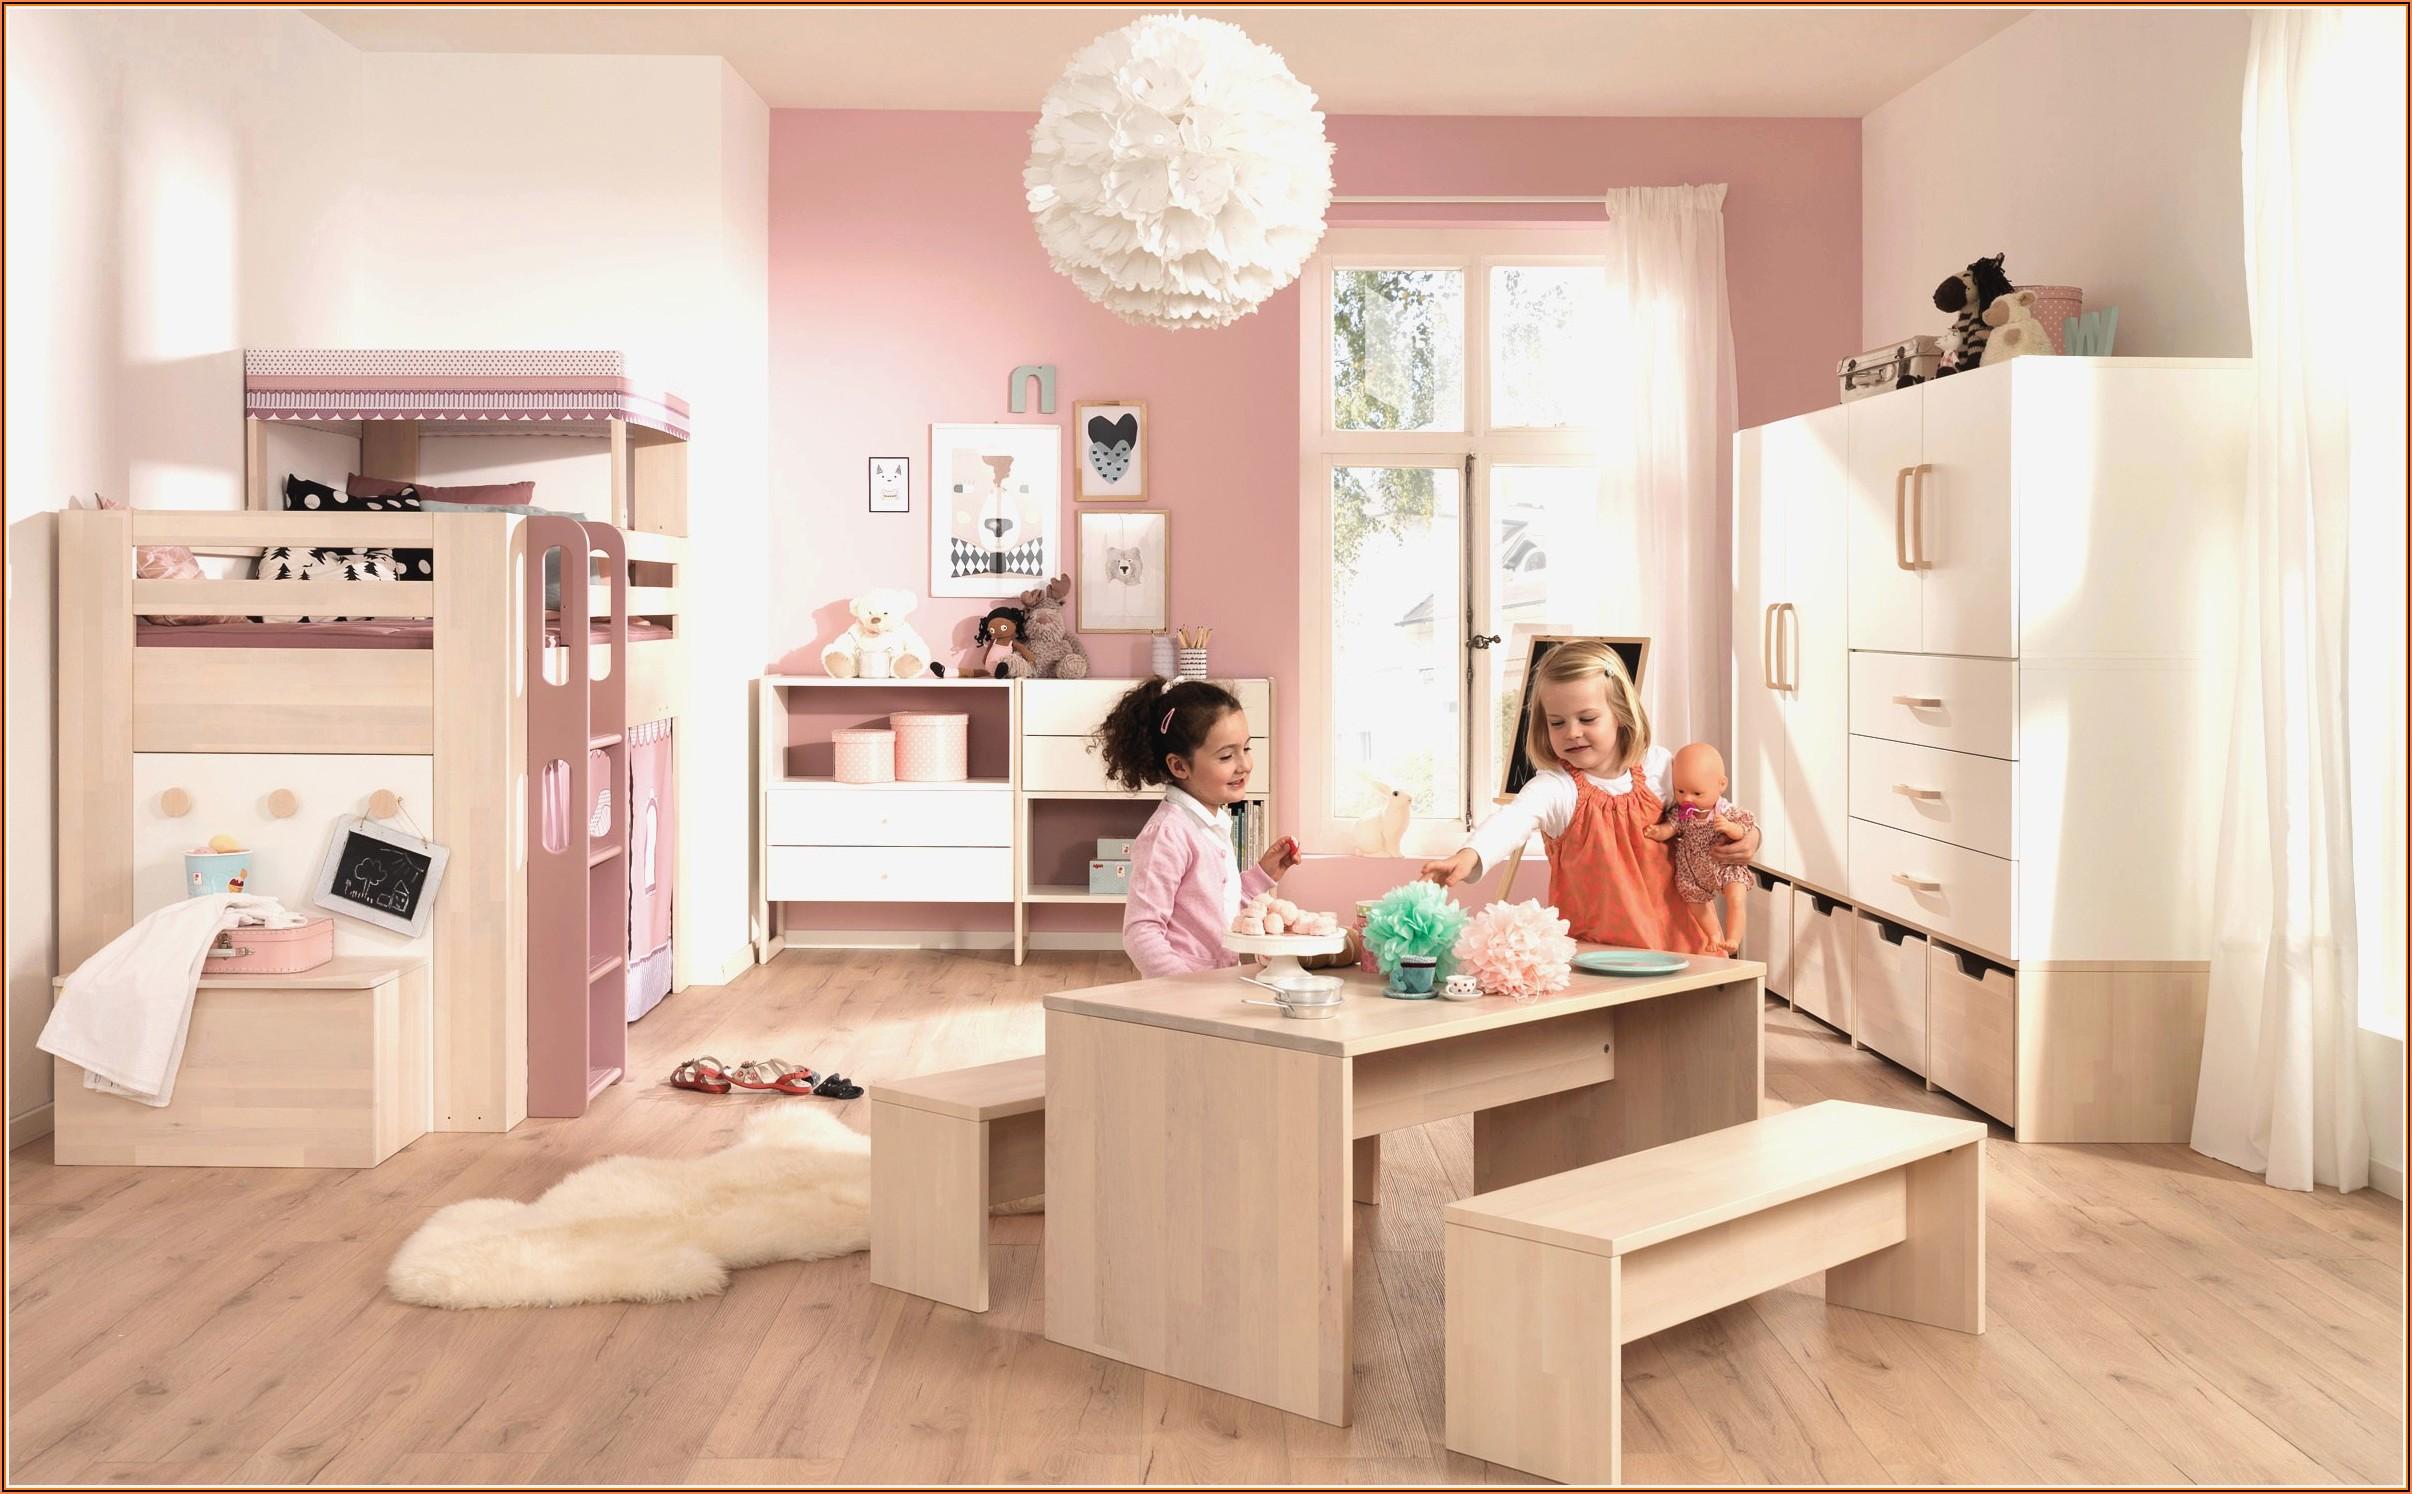 Kinderzimmer Gestalten Junge 9 Jahre